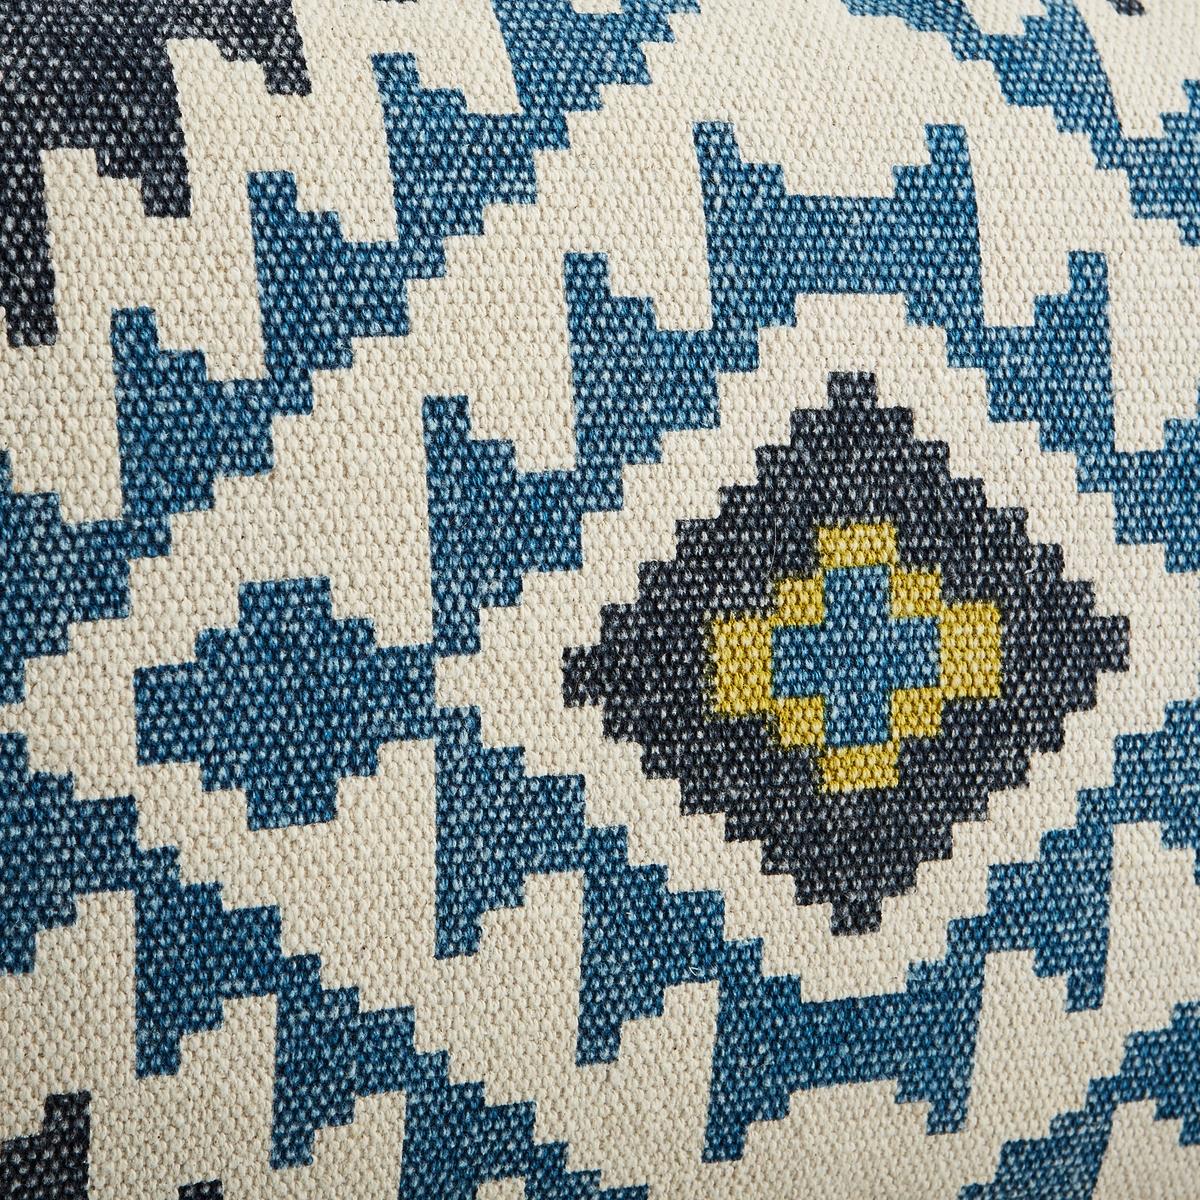 Наволочка на подушку-валик L?ganeНаволочка на подушку-валик L?gane. Рисунок в виде восточного ковра на лицевой стороне, однотонная оборотная сторона. 100% хлопок. Скрытая застежка на молнию. Размеры : 40 x 60 см.<br><br>Цвет: синий